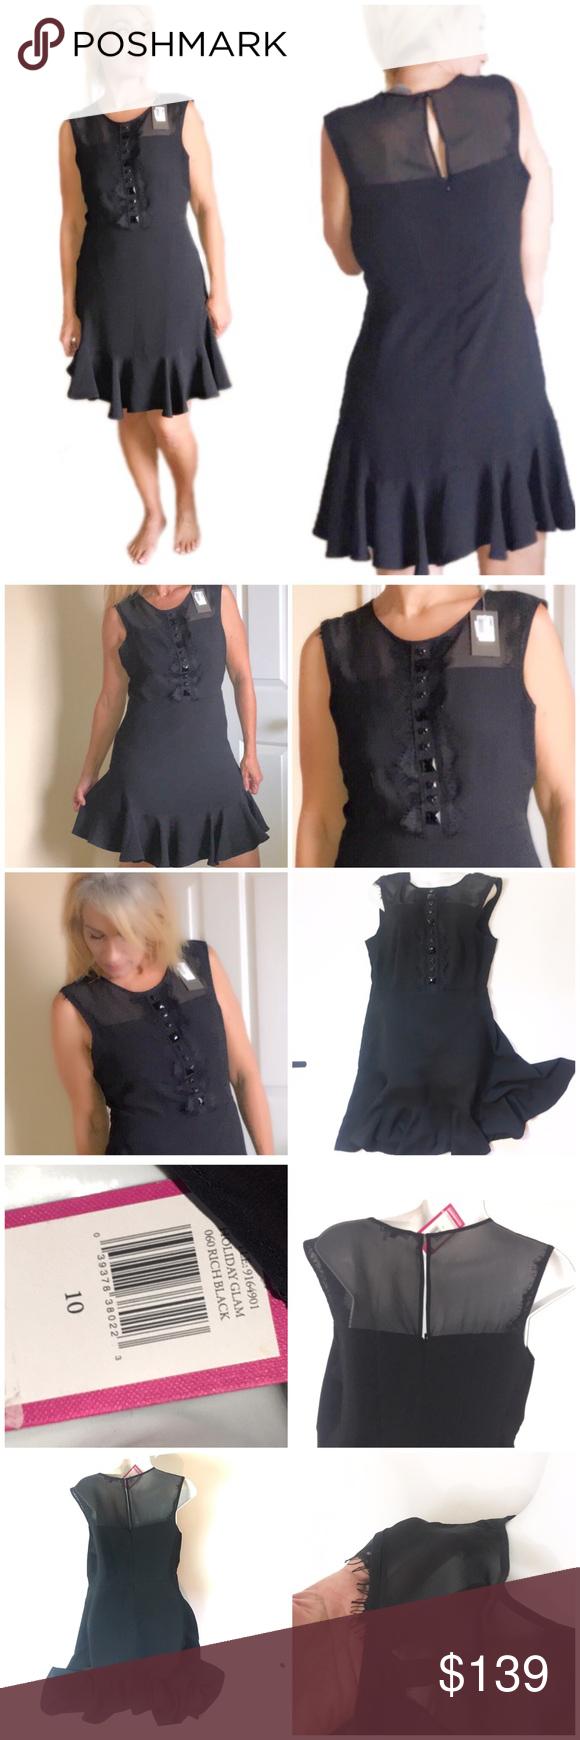 Vince Camuto Black Illusion Ruff Hem Dress 10 New Vince Camuto Black Sleeveless Dress With Illusion T Classic Black Dress Illusion Top Dress Little Black Dress [ 1740 x 580 Pixel ]